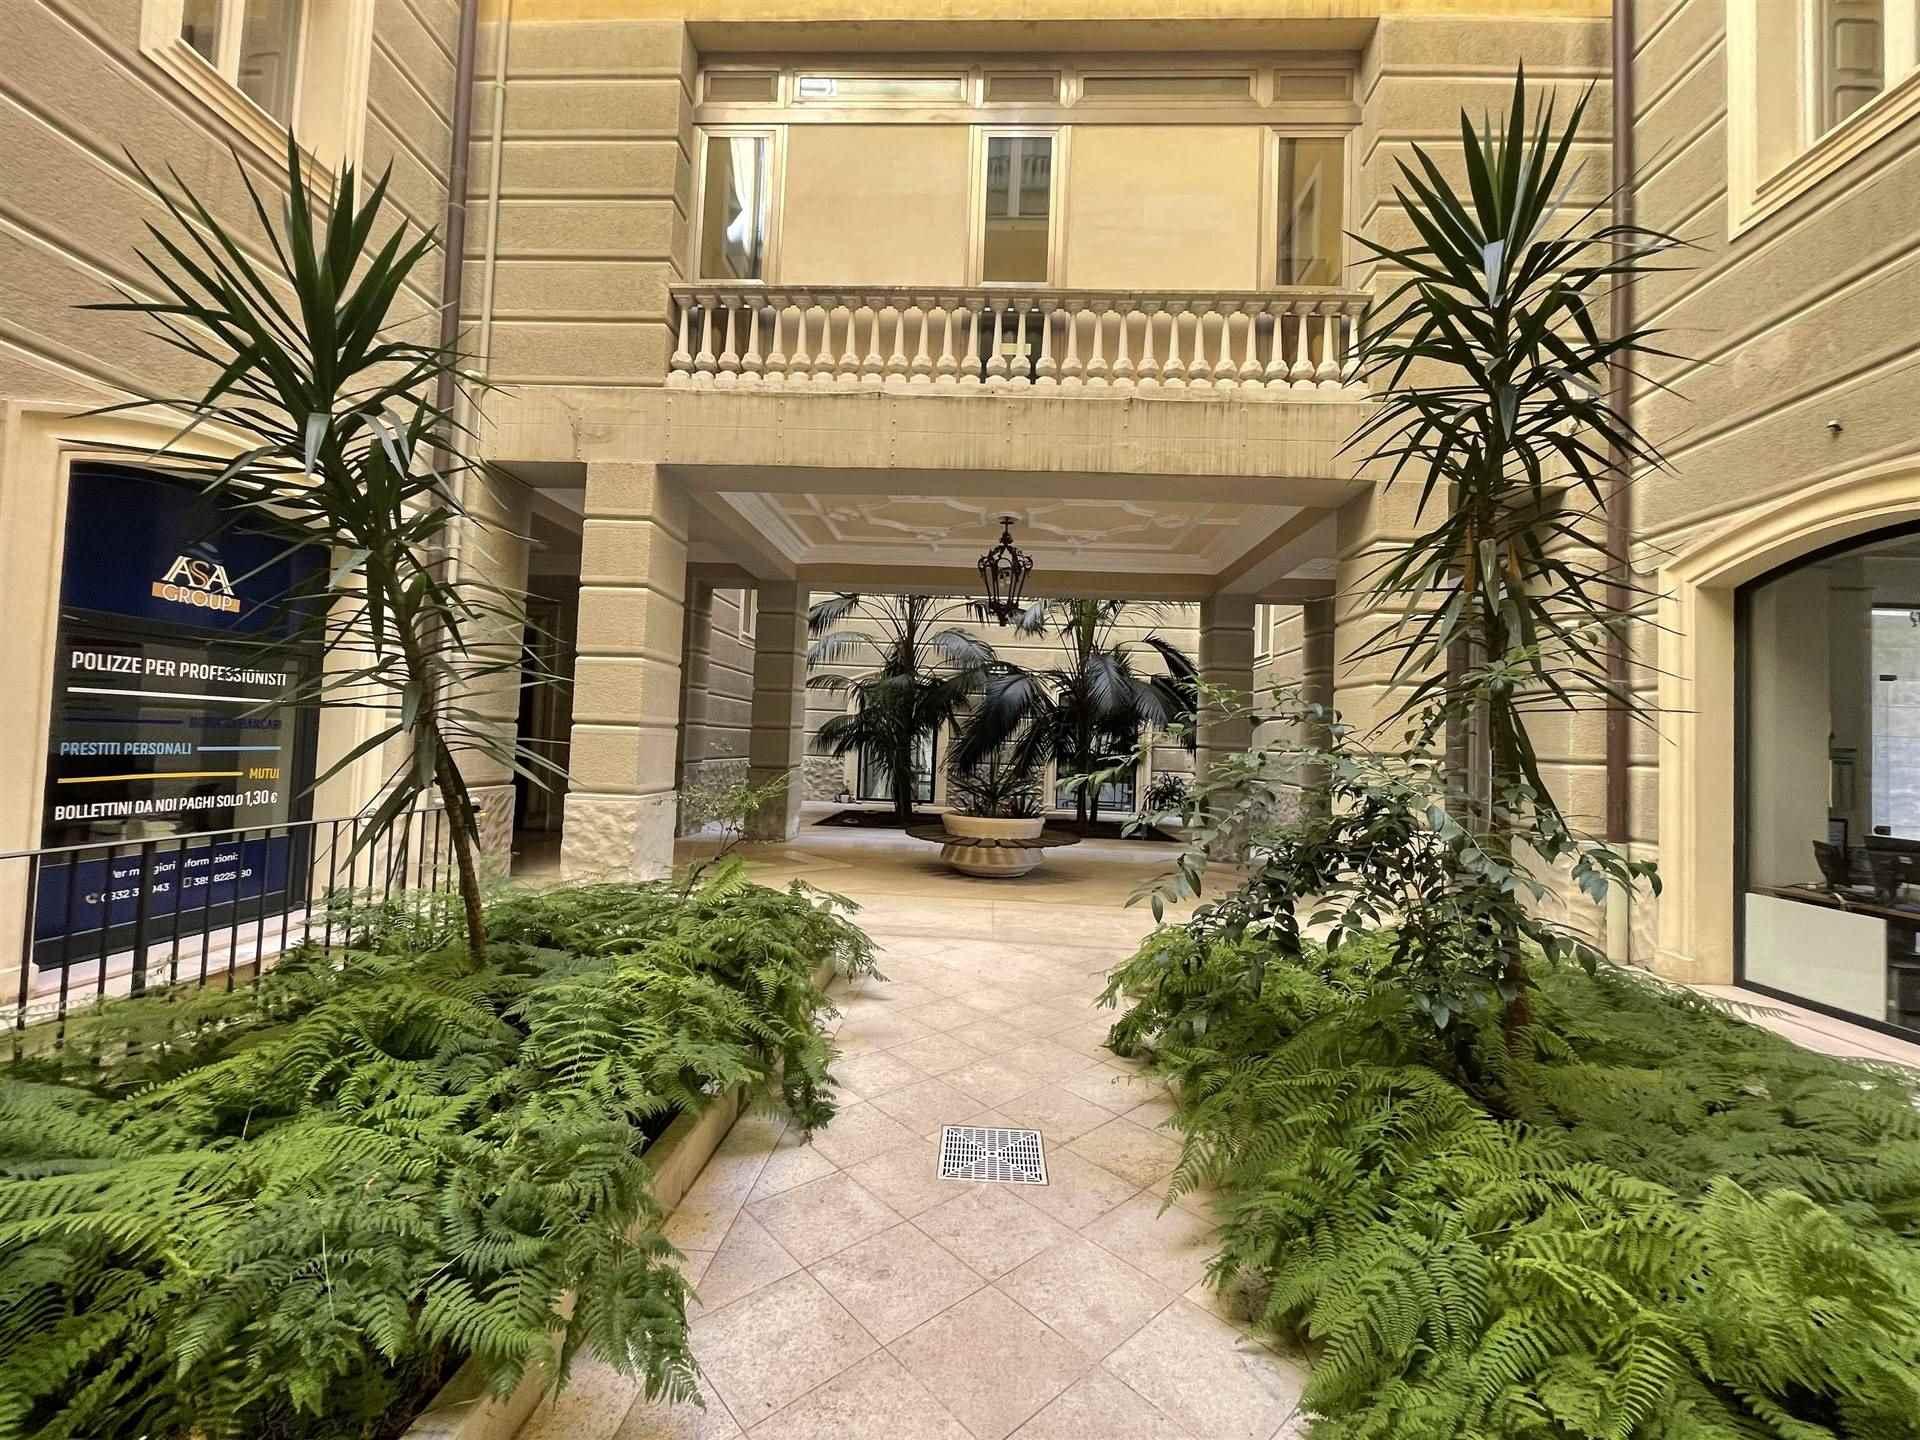 In Palazzo Tamborino, uno dei palazzi storici e prestigiosi di Lecce, a pochi passi dal centro cittadino, proponiamo rifinito bilocale arredato,